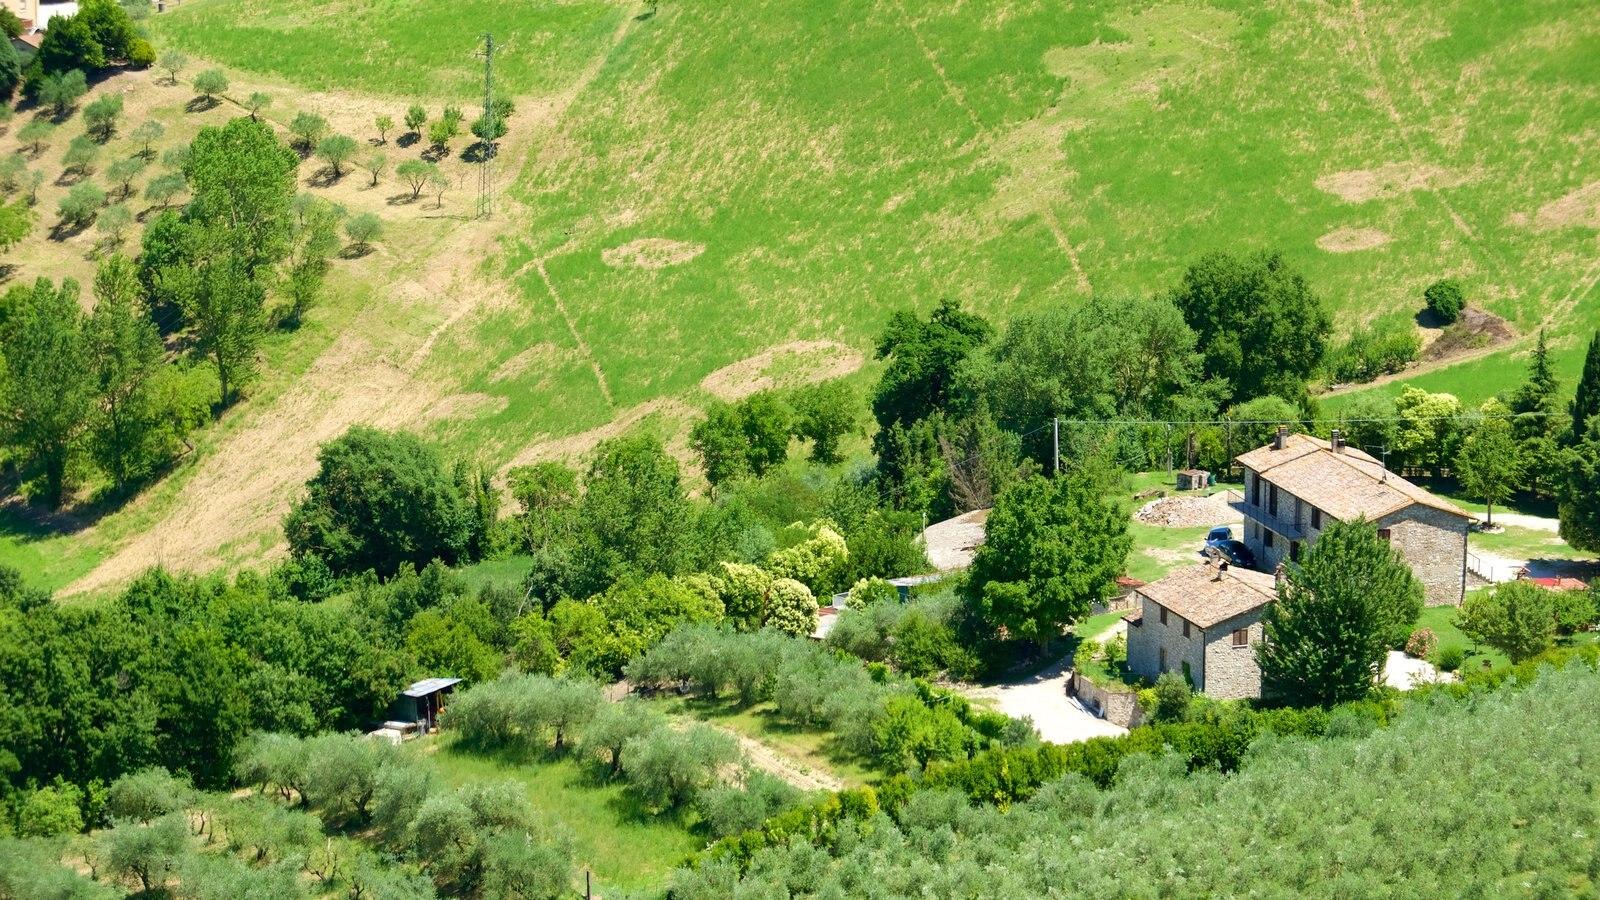 Todi que incluye tierras de cultivo, una casa y vistas de paisajes